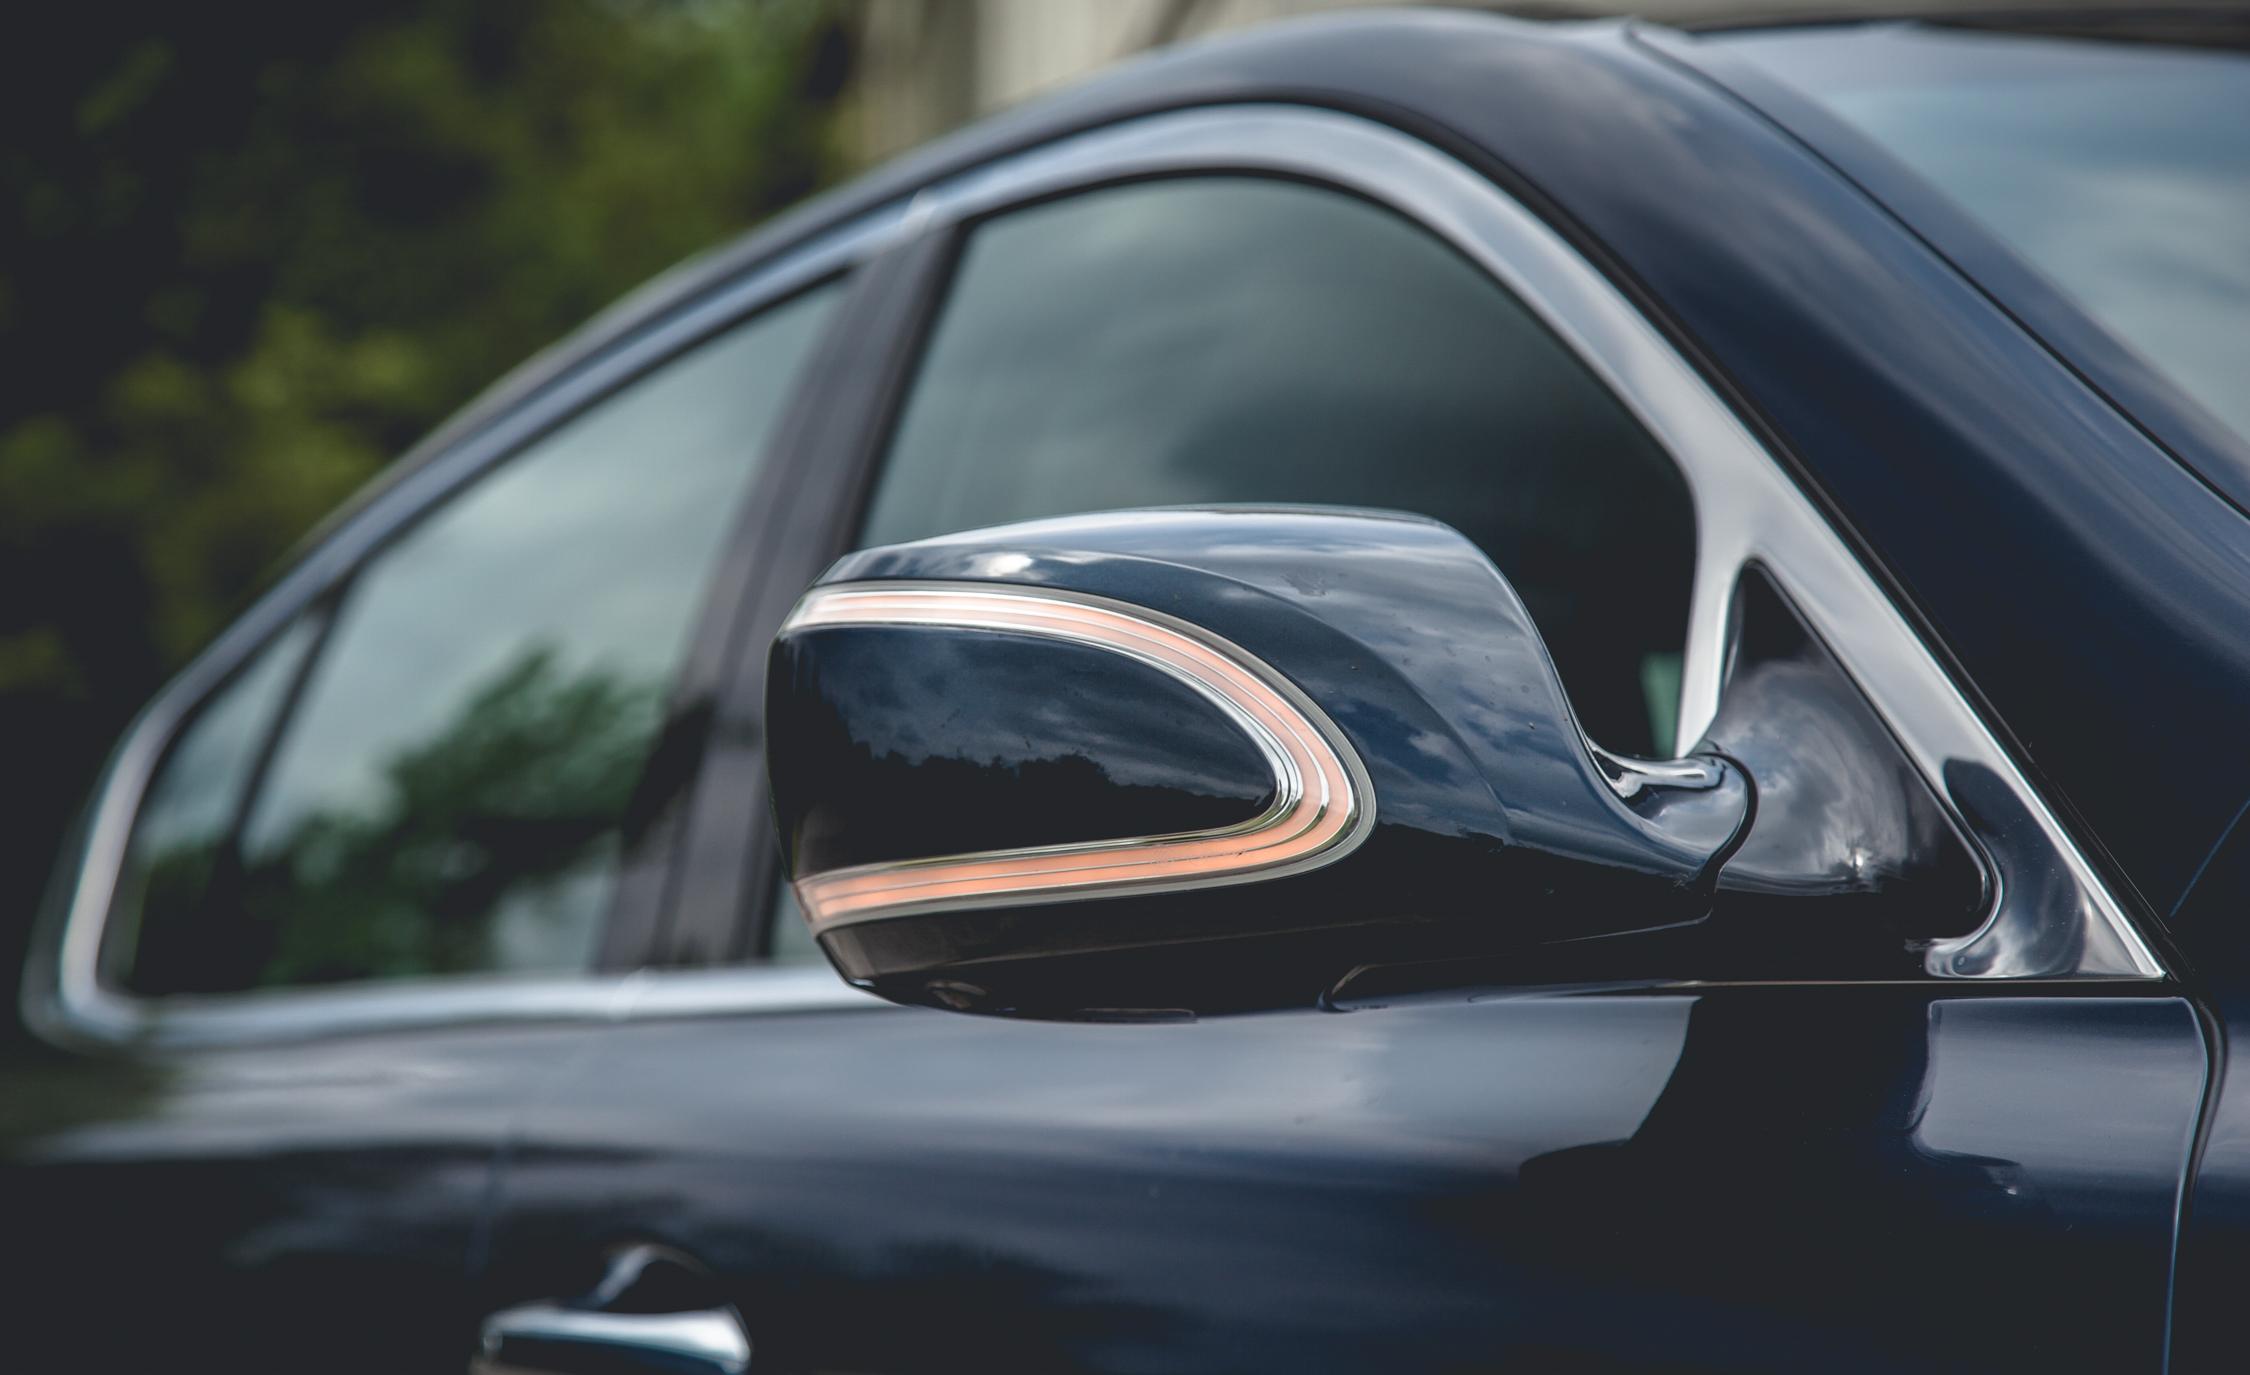 2015 Kia K900 V-8 Exterior Mirror